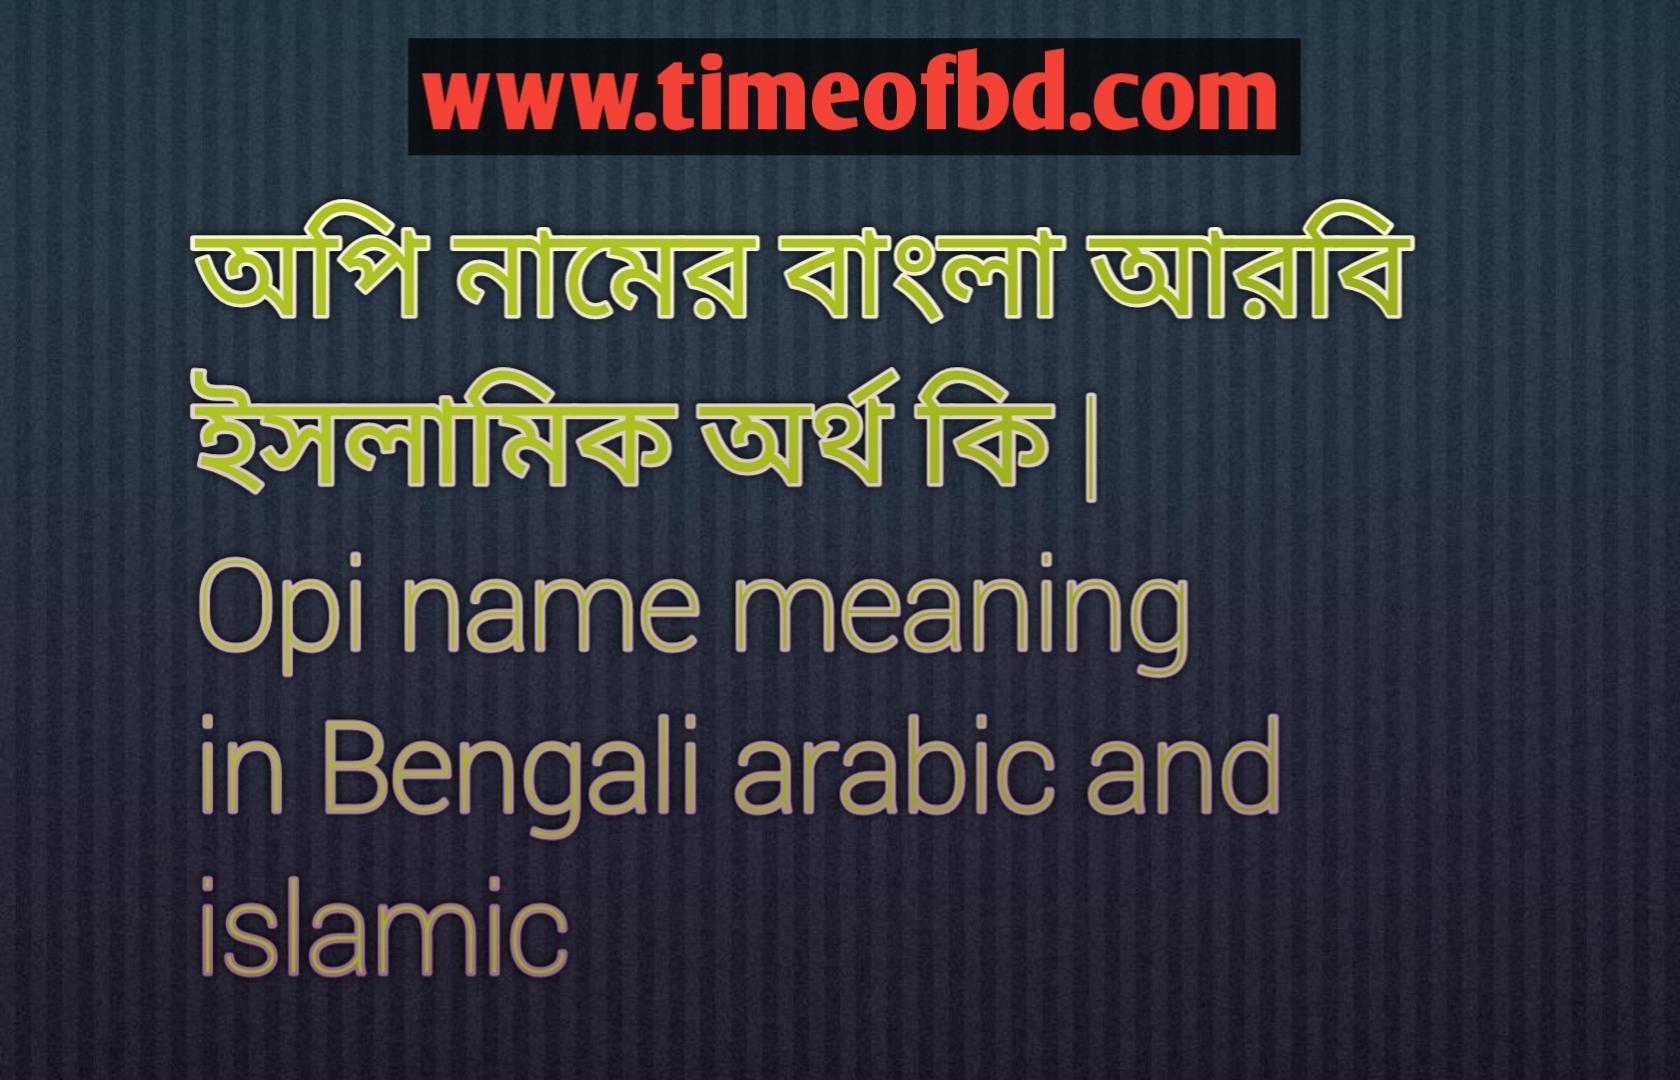 অপি নামের অর্থ কি, অপি নামের বাংলা অর্থ কি, অপি নামের ইসলামিক অর্থ কি, Opi name meaning in Bengali, অপি কি ইসলামিক নাম,